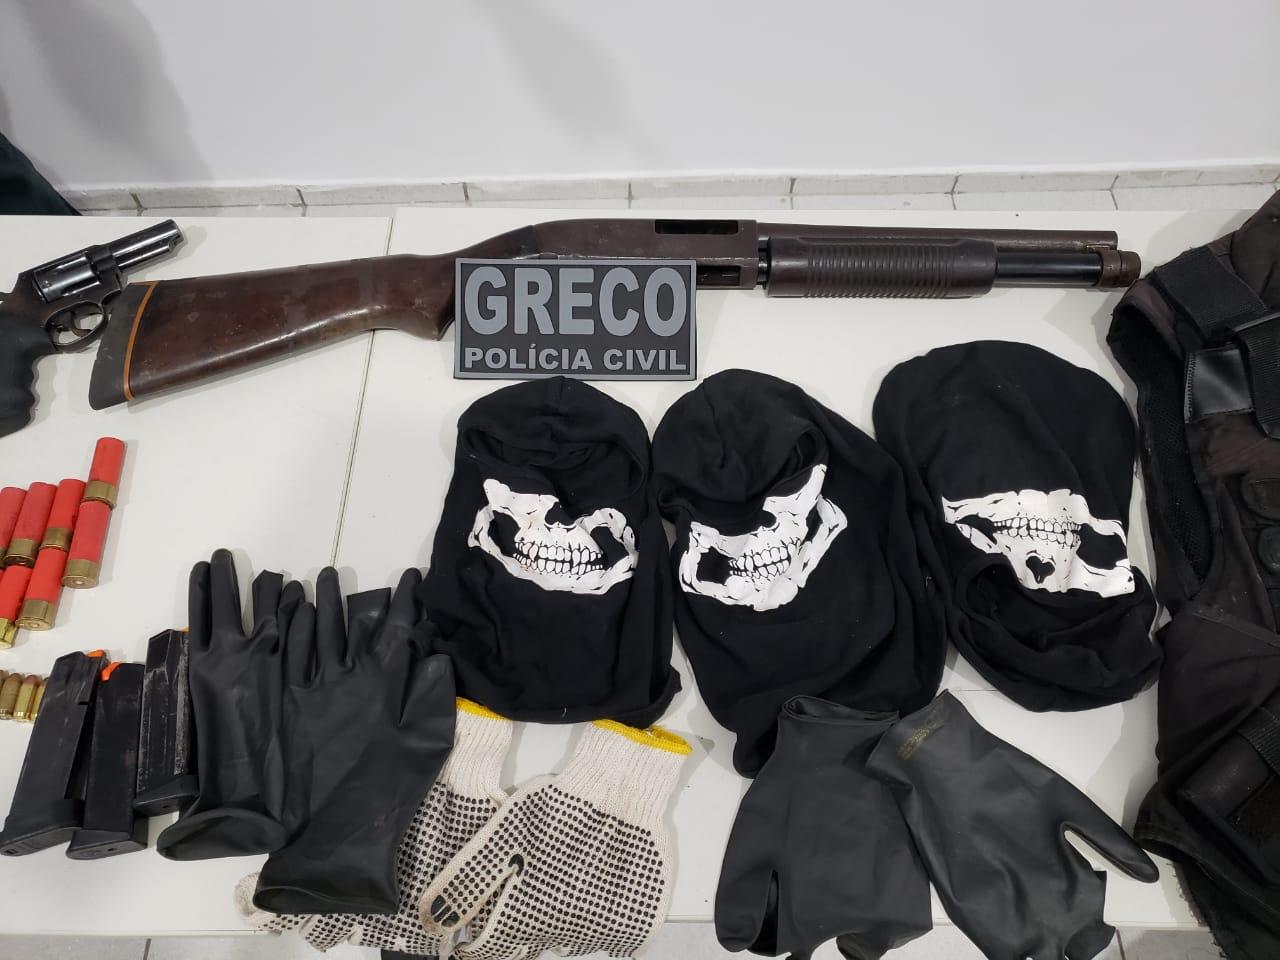 Greco realiza cinco prisões duranyte operação em Teresina (Divulgação)